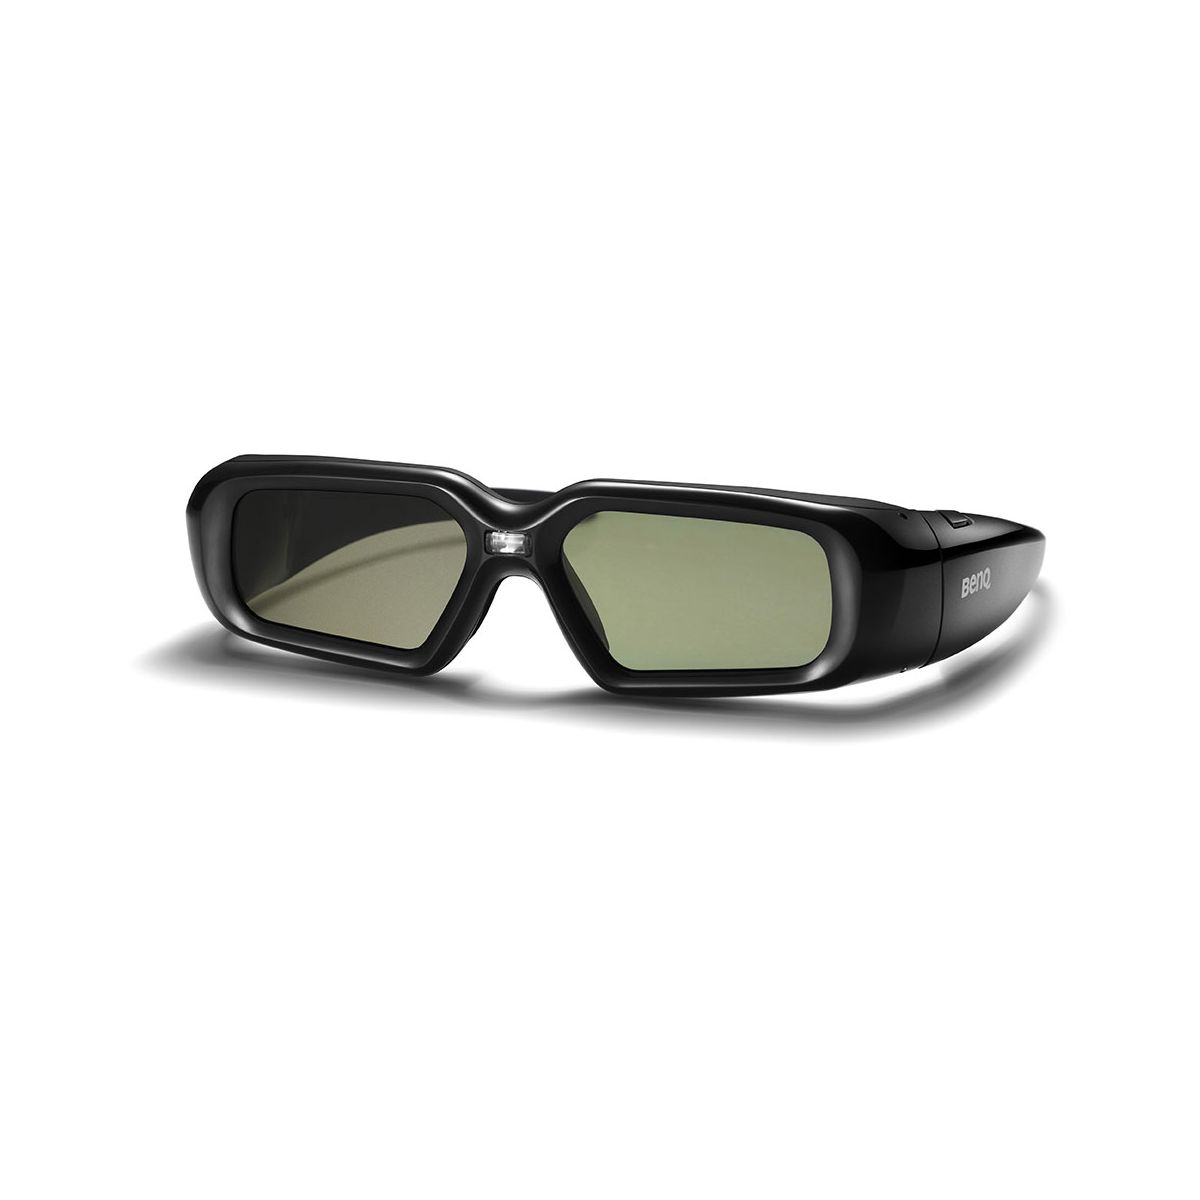 Lunettes 3d vid�oprojecteur benq lunettes 3d - livraison offerte : code livdom